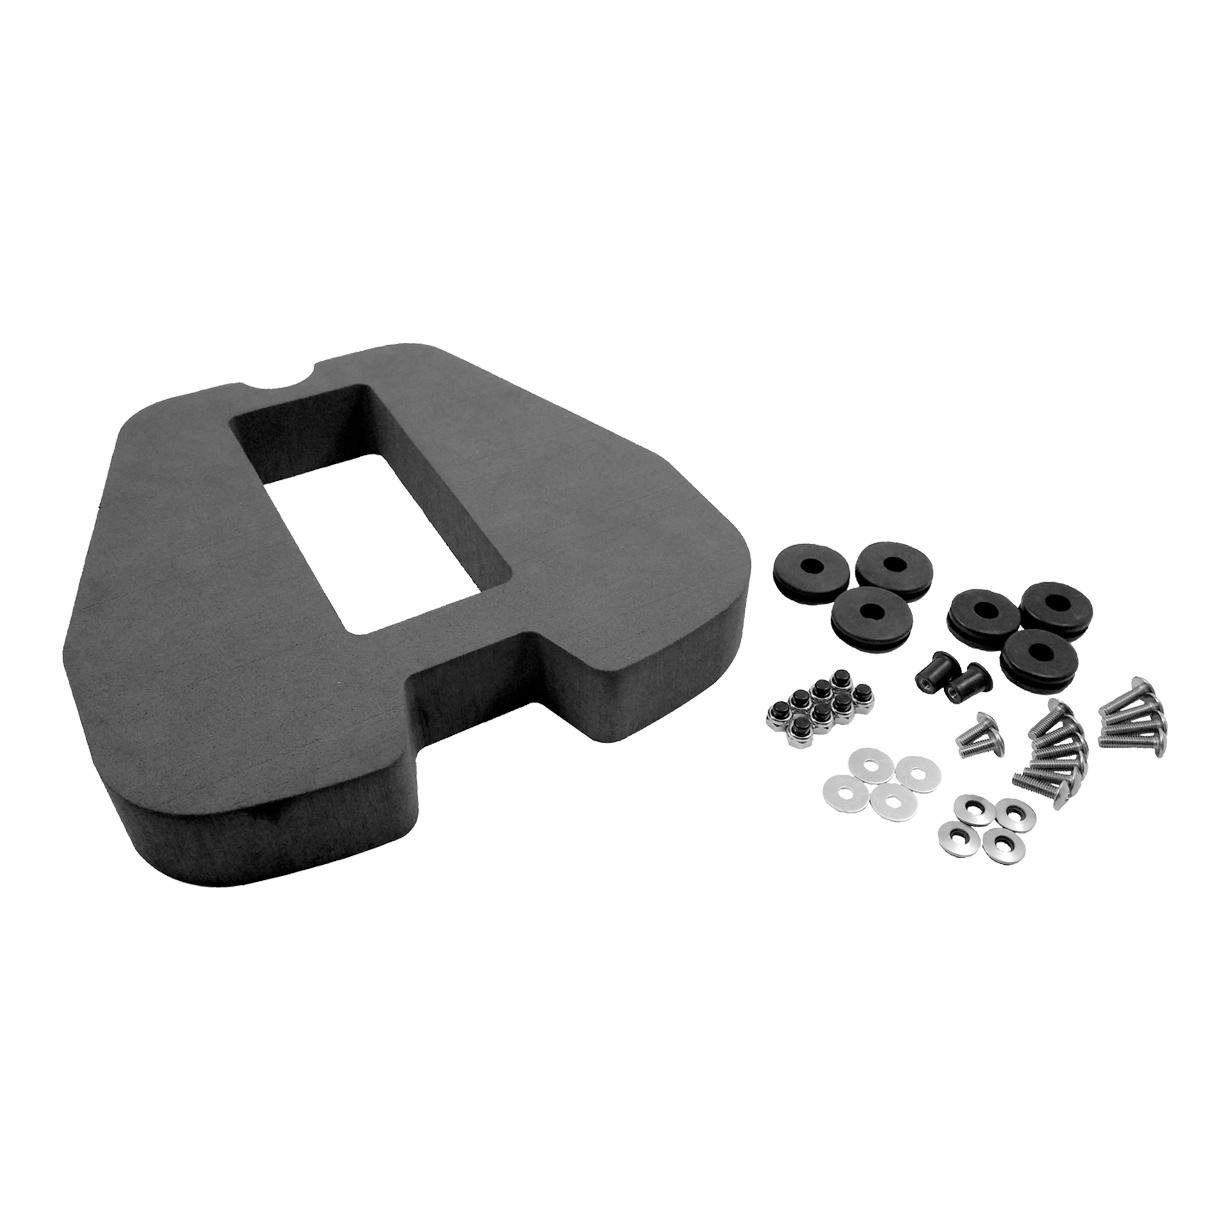 Flexpod OS ELectronics Kit